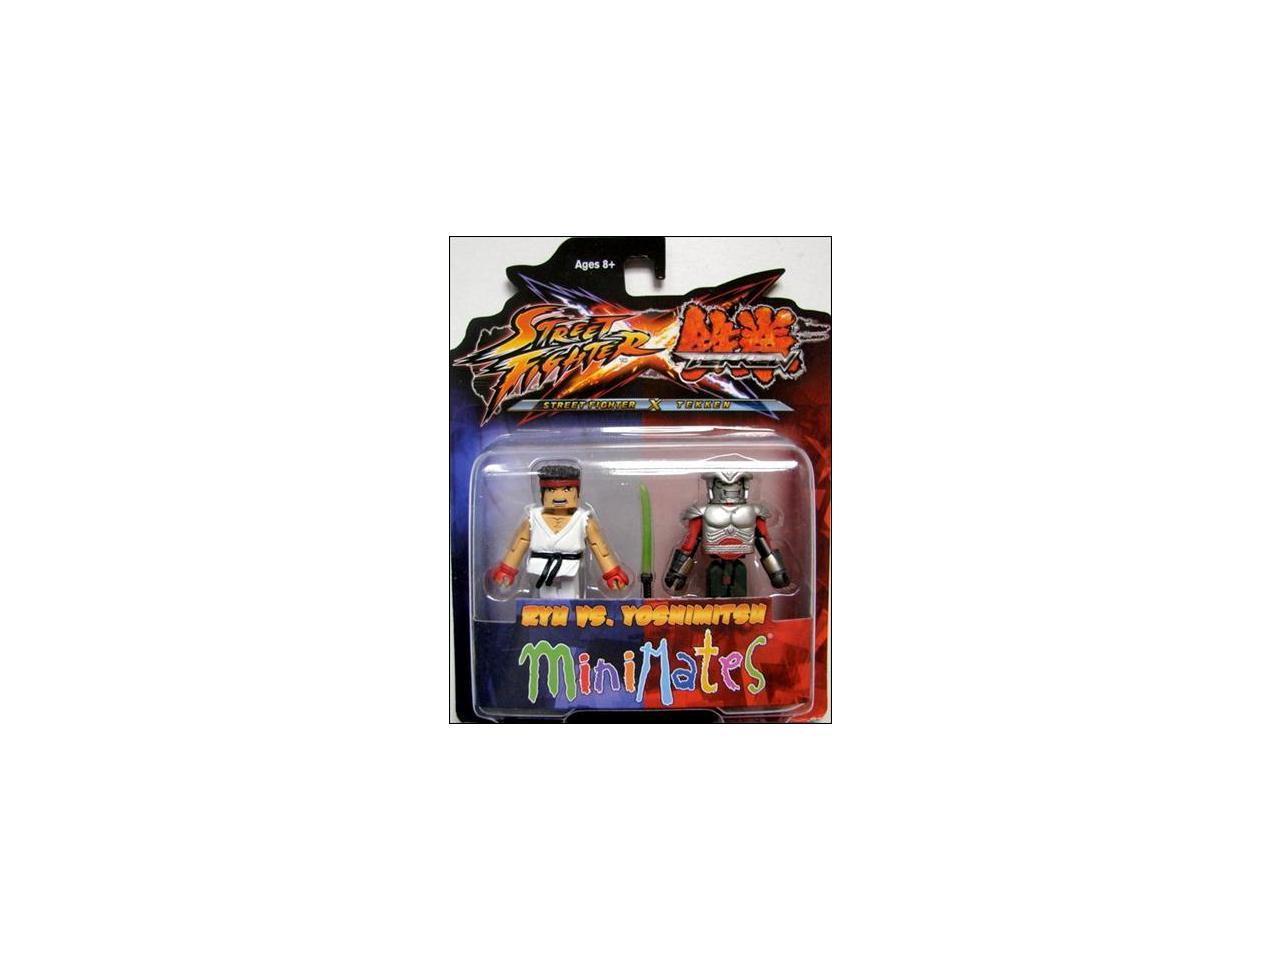 Street Fighter x Tekken Minimates Serie 2 Ryu